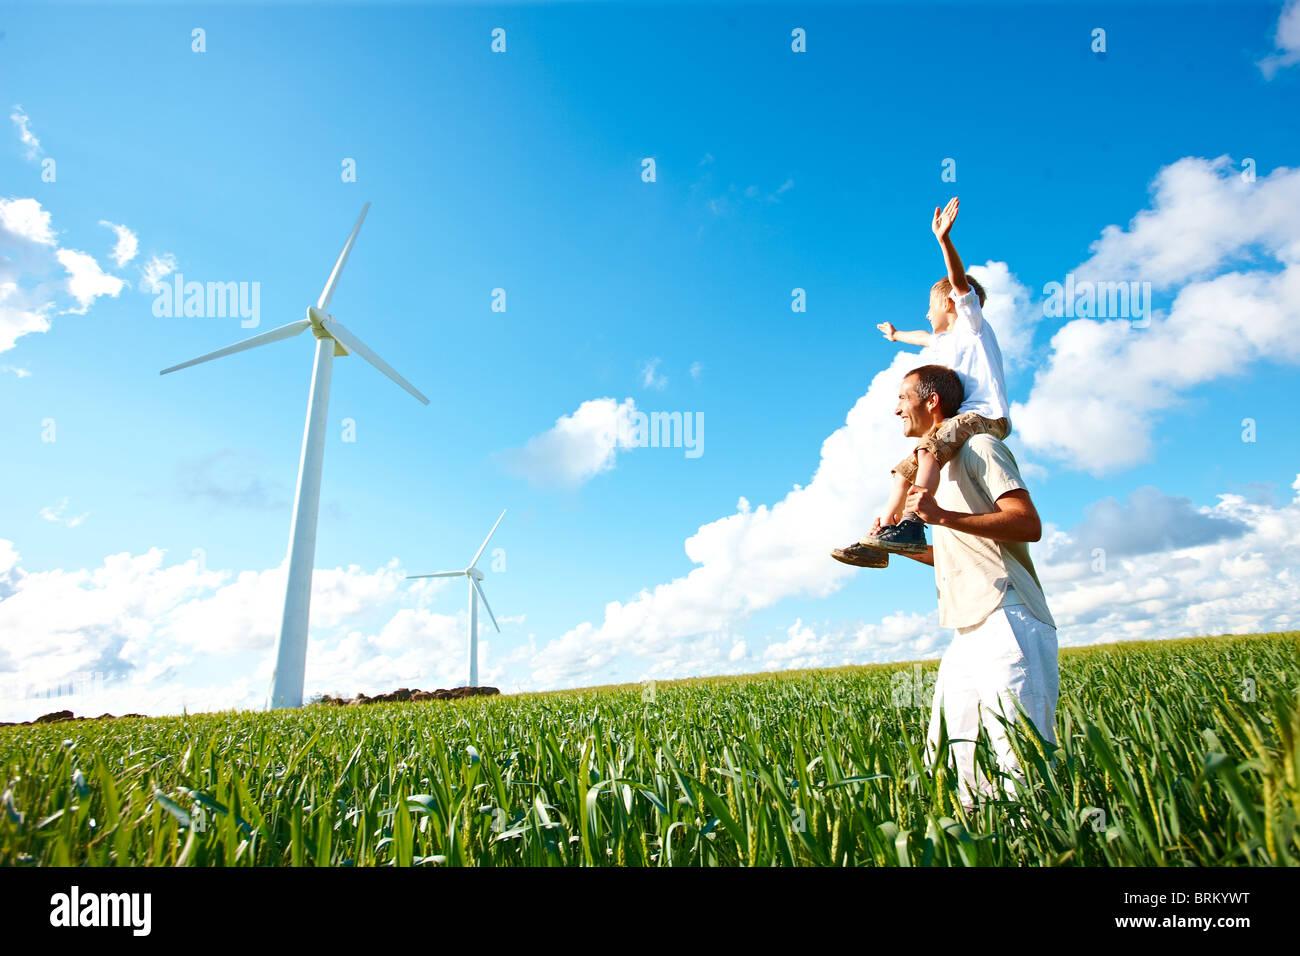 Più lontano e figlio guardando alla turbina eolica Immagini Stock